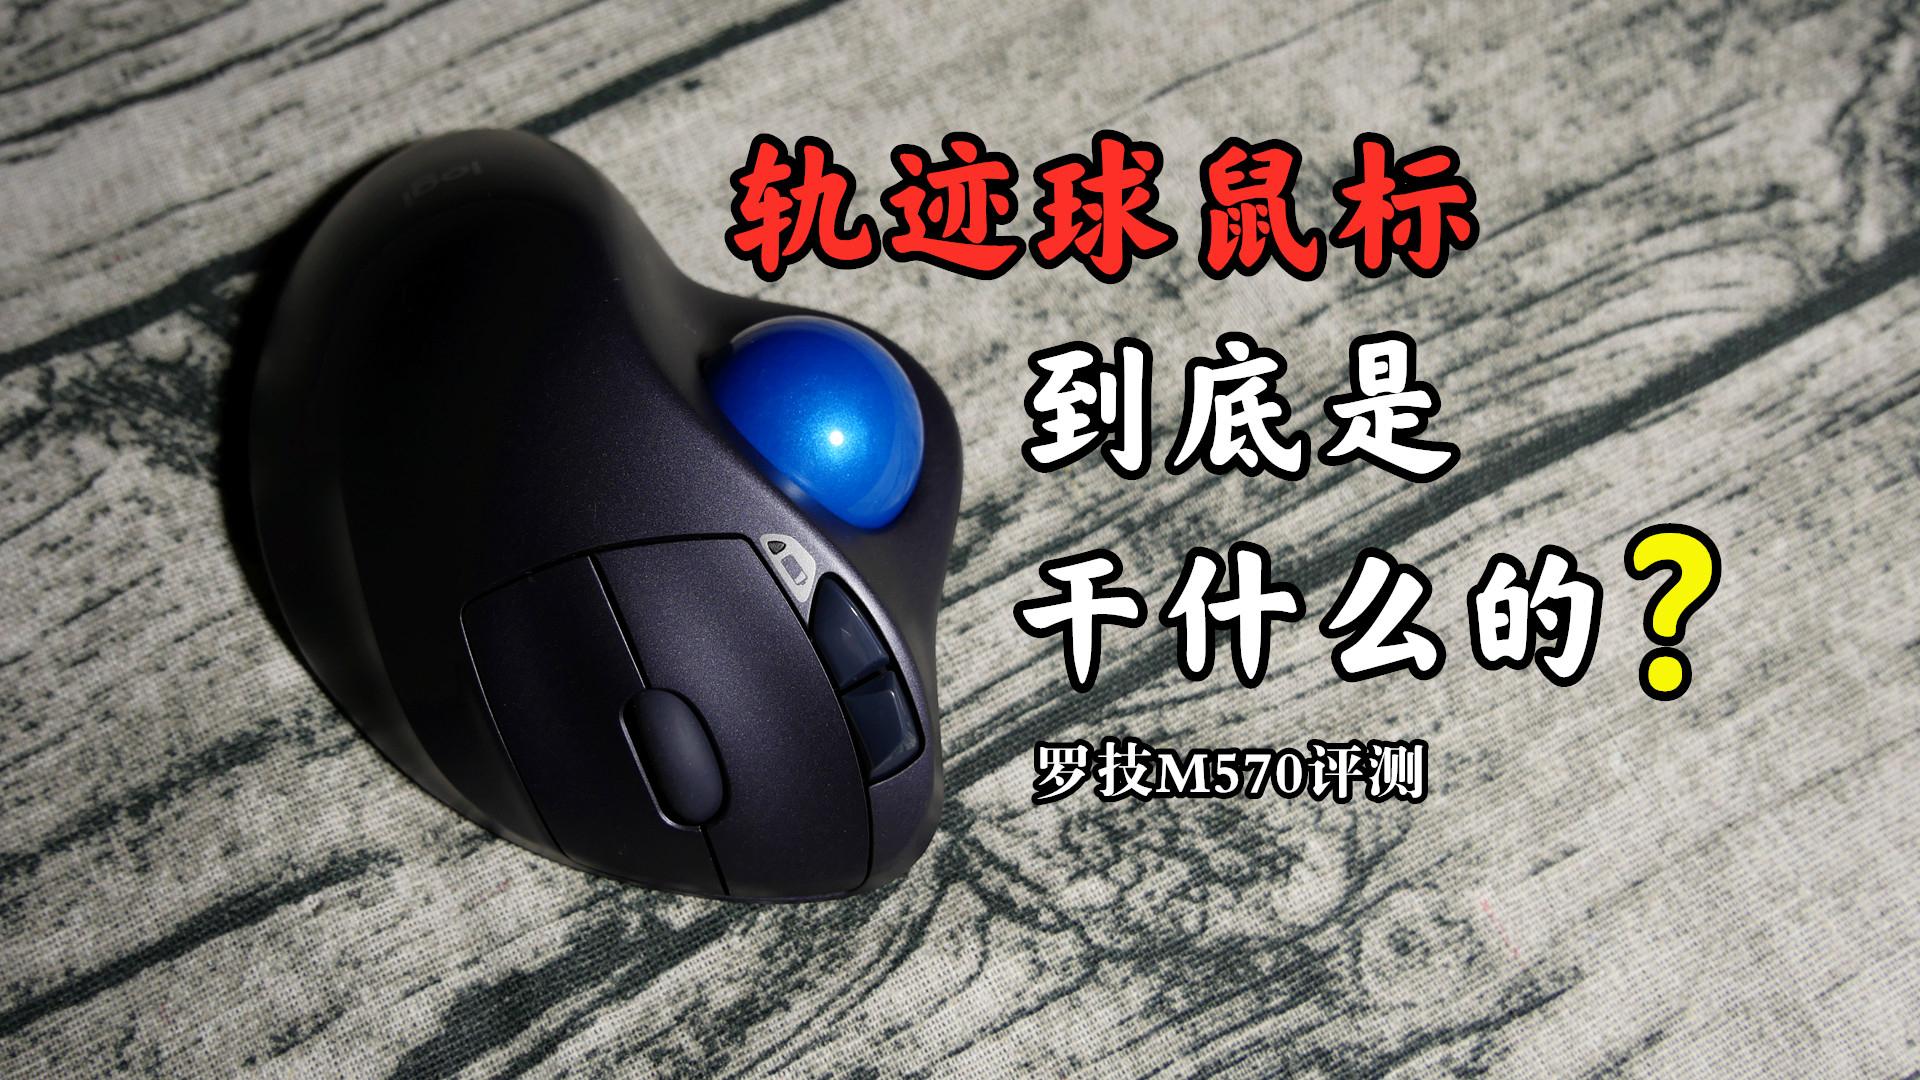 """背着一颗""""大球""""的鼠标究竟是做什么的?一般用户适合使用么?【罗技M570评测】"""